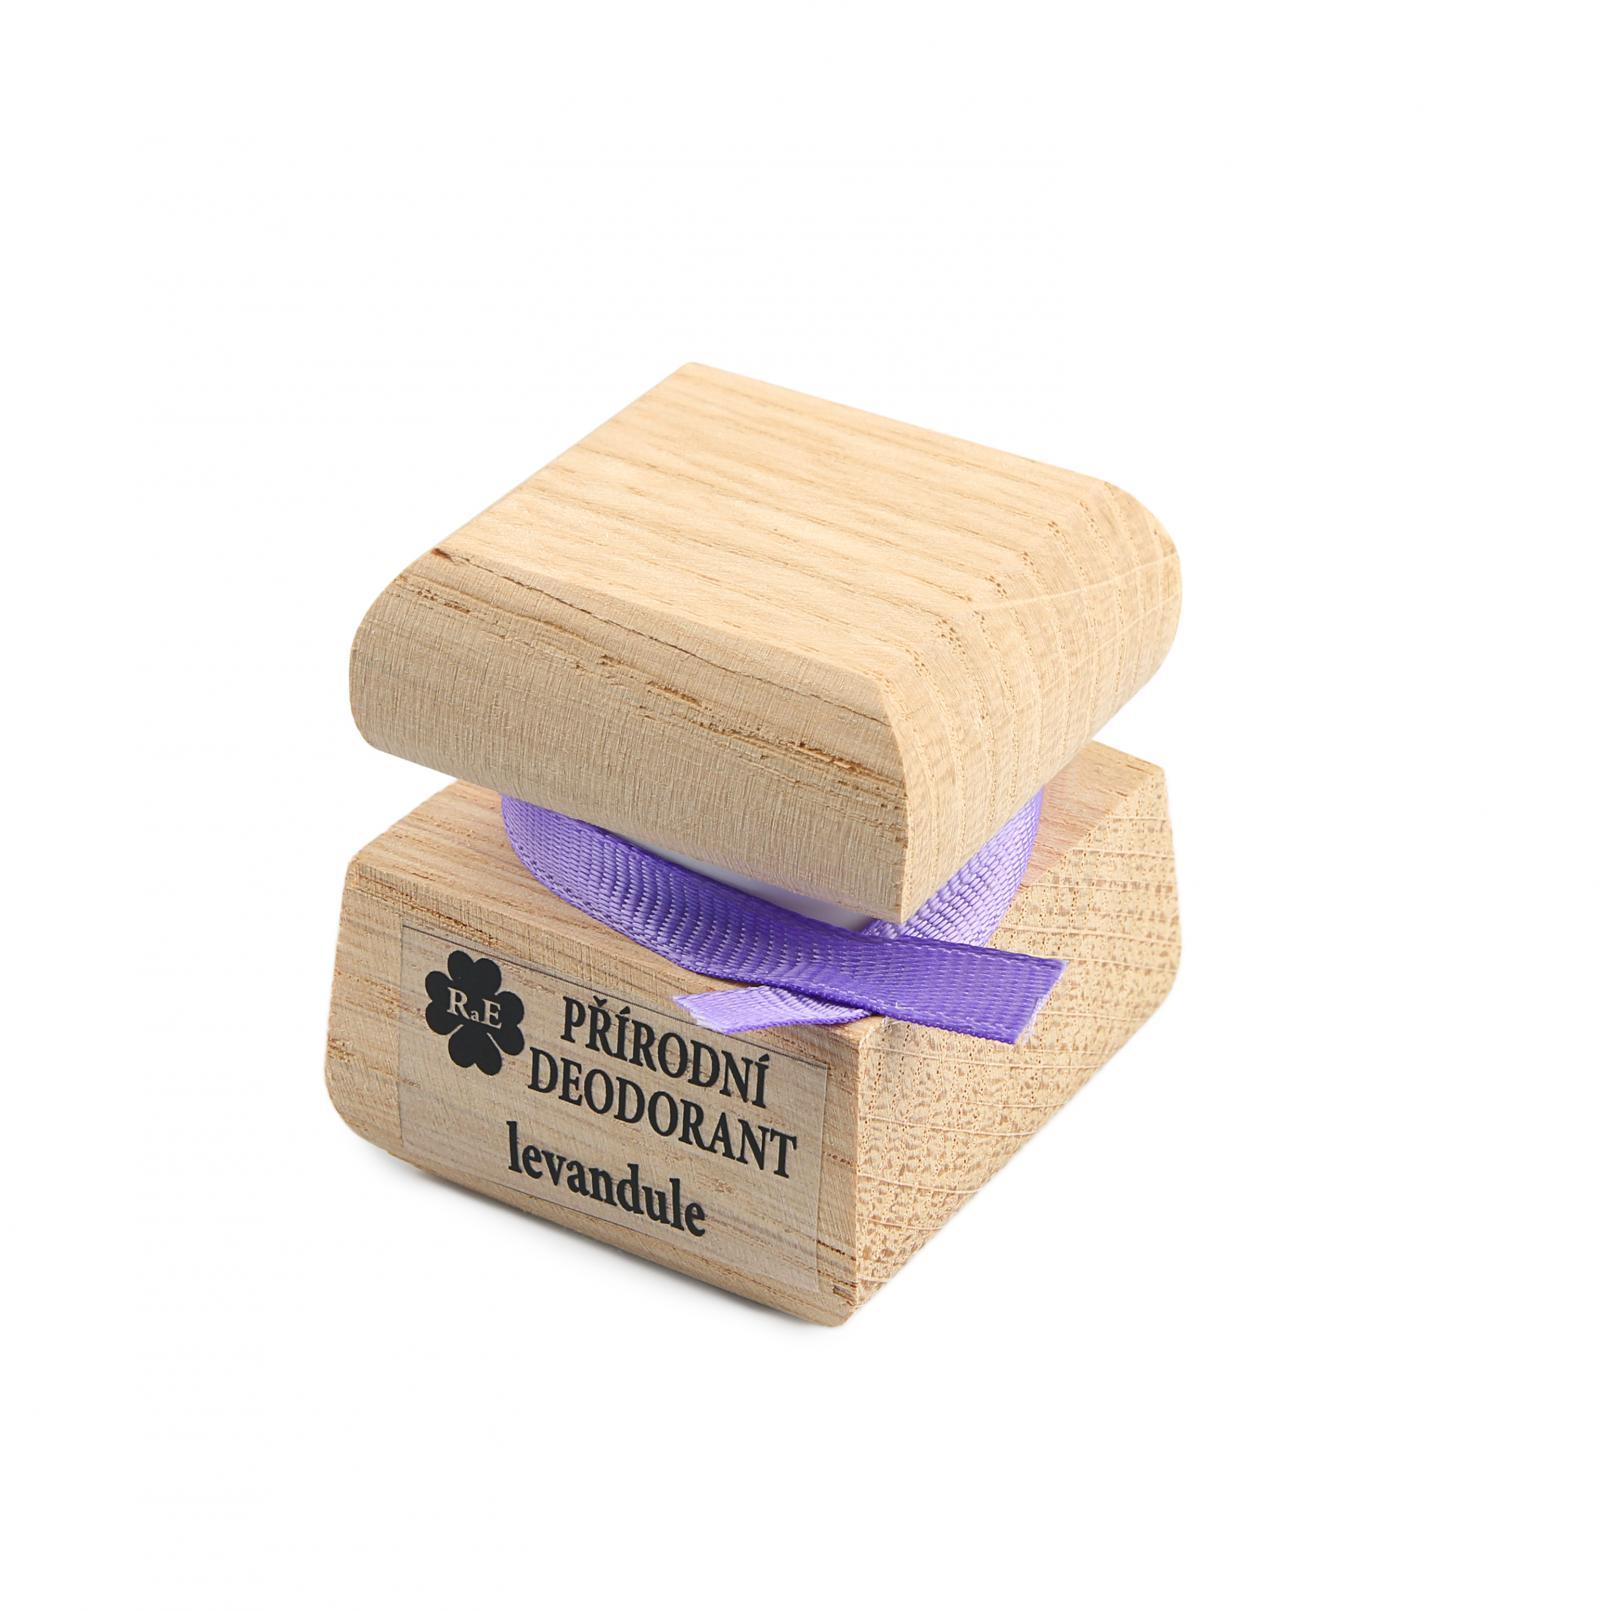 RaE Přírodní krémový deodorant s vůní levandule 15 ml dřevěný obal